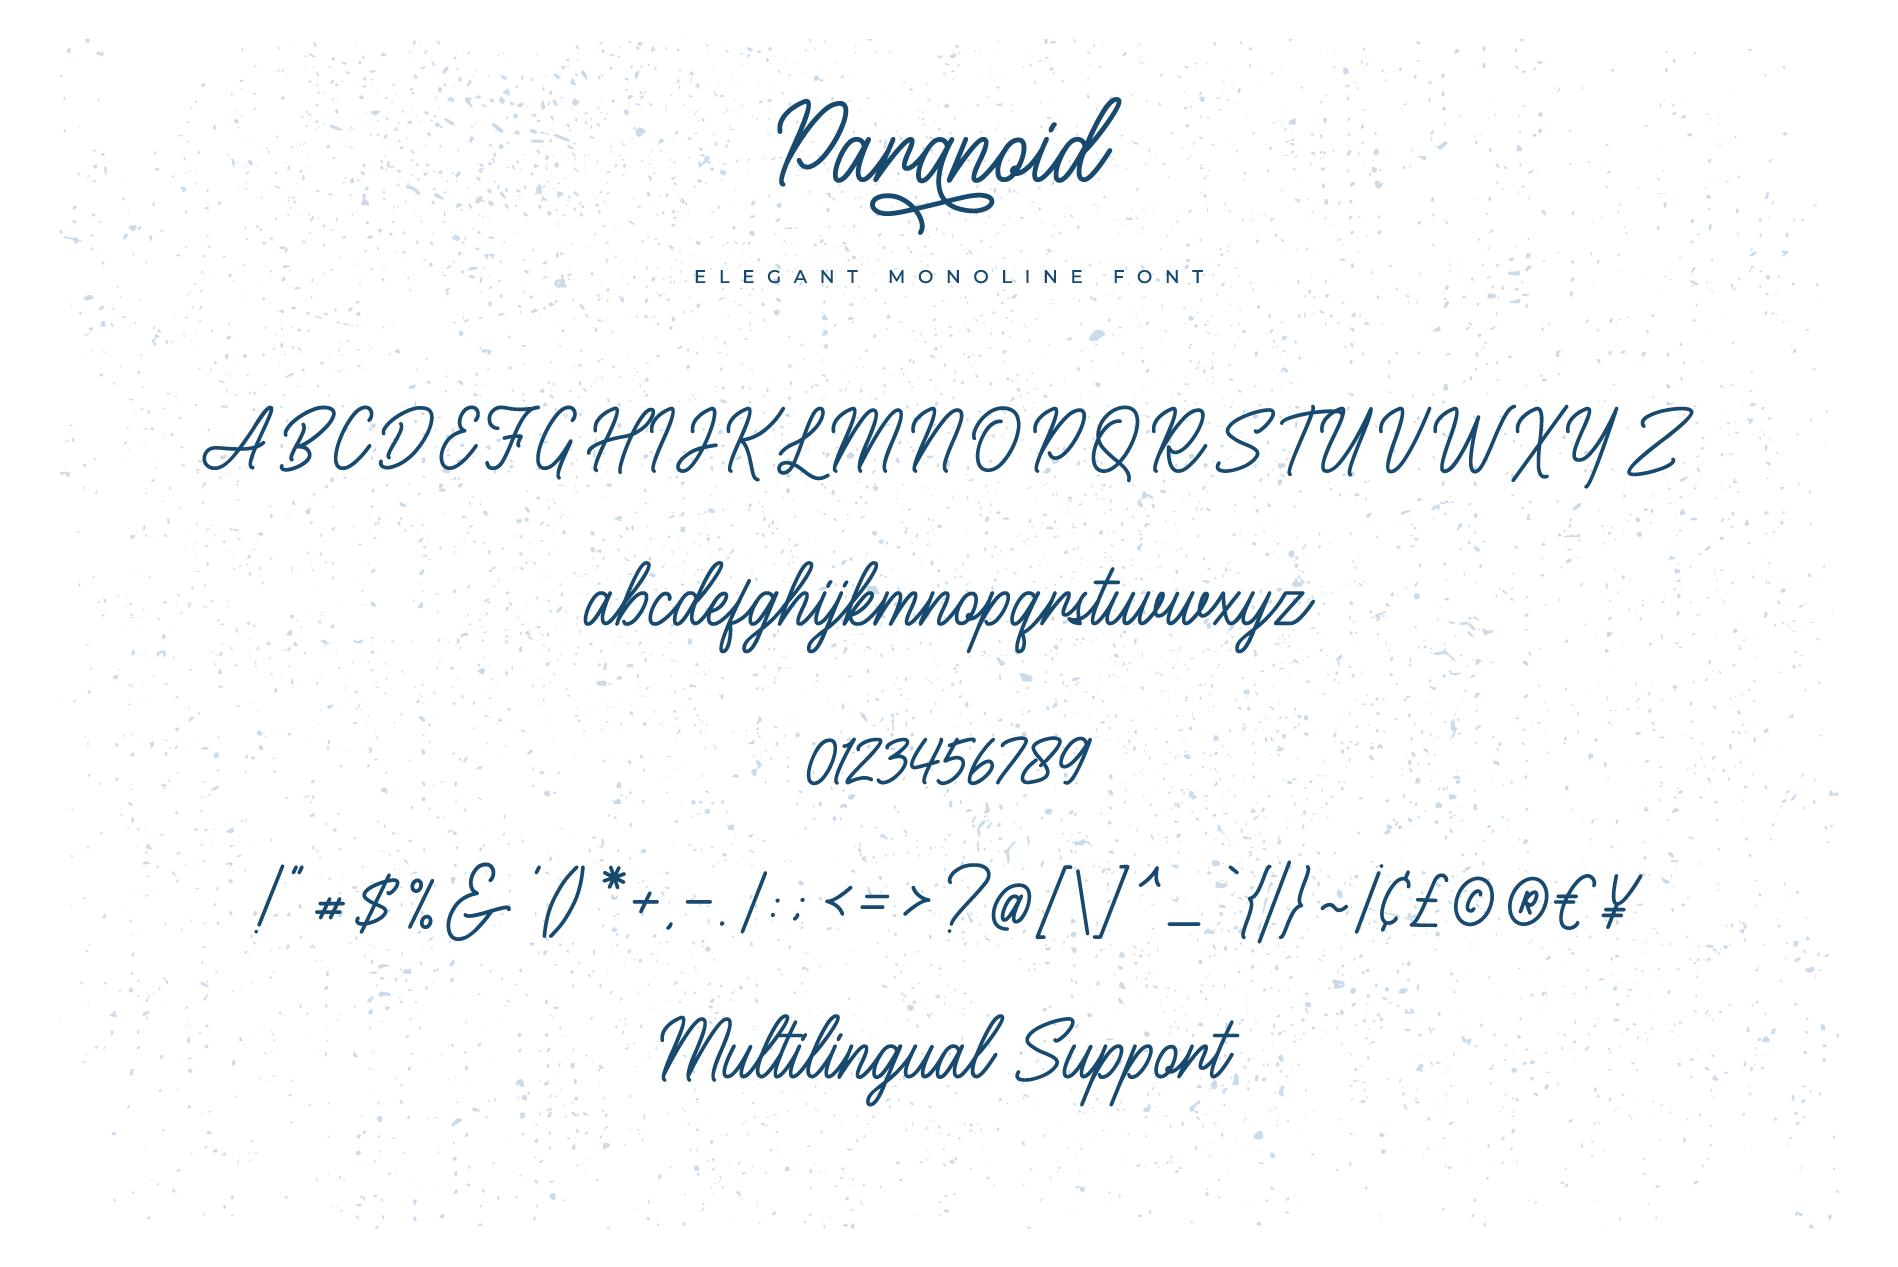 Paranoid - Elegant Monoline Font example image 8